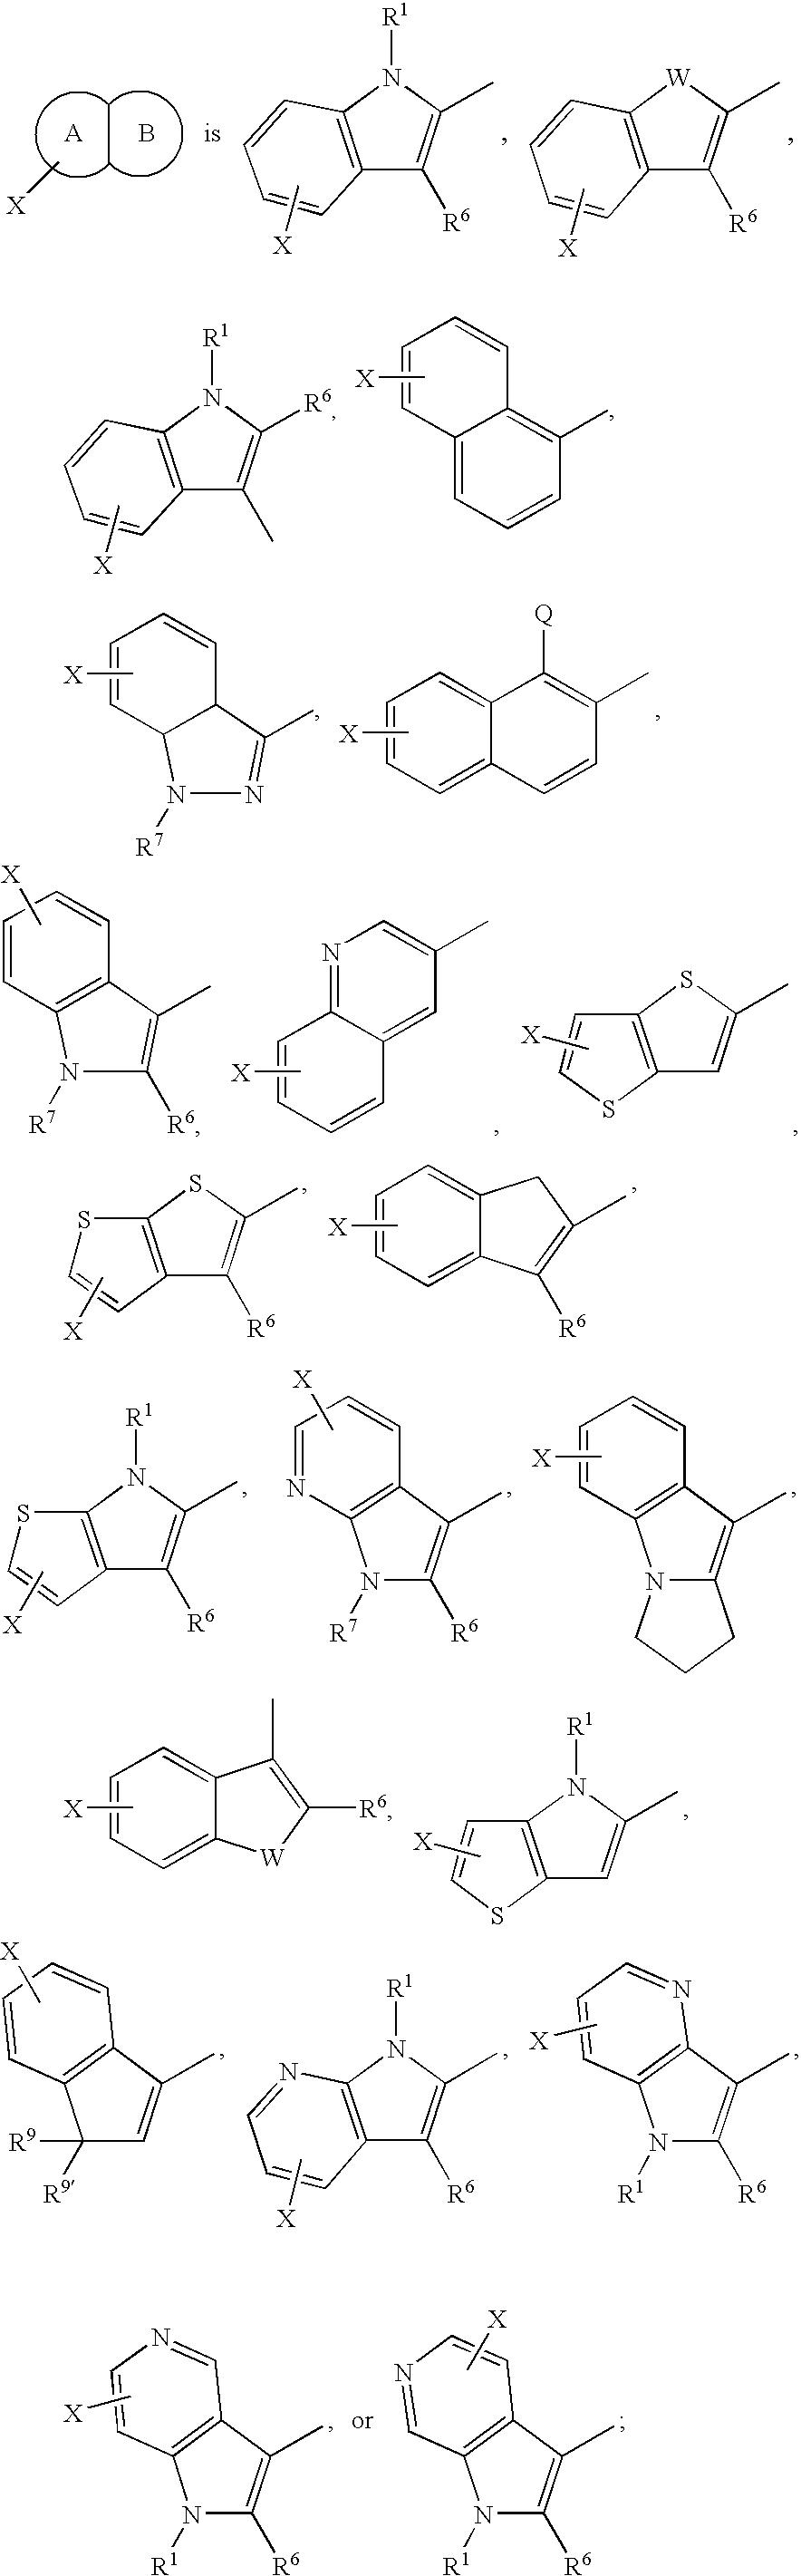 Figure US20060116394A1-20060601-C00002